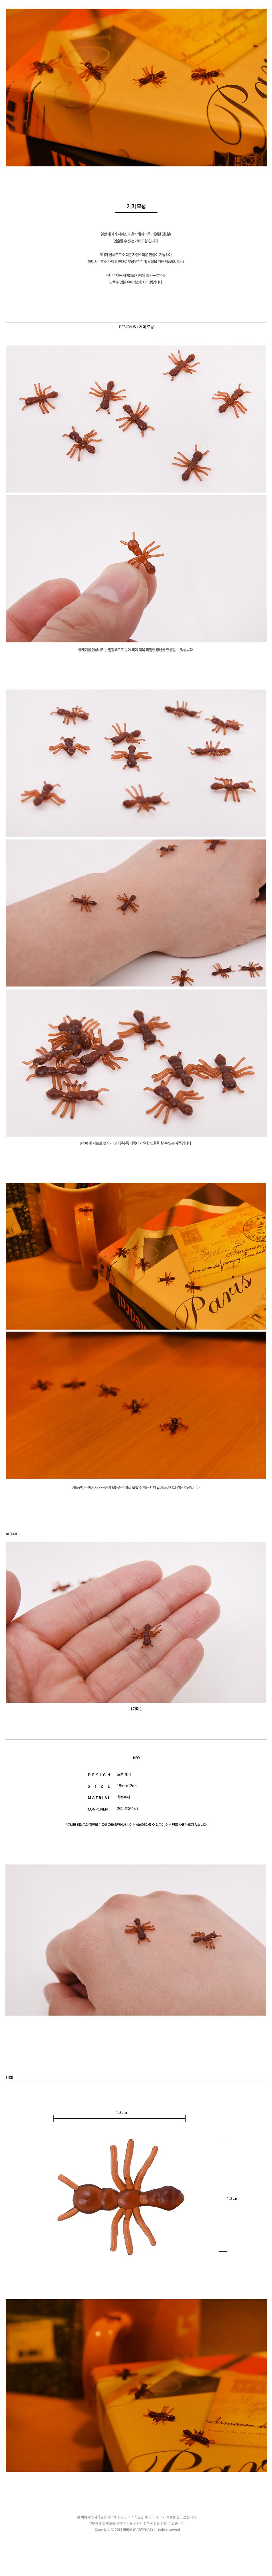 개미 모형 (9EA 1SET) - 파티해, 1,700원, 파티용품, 할로윈 파티